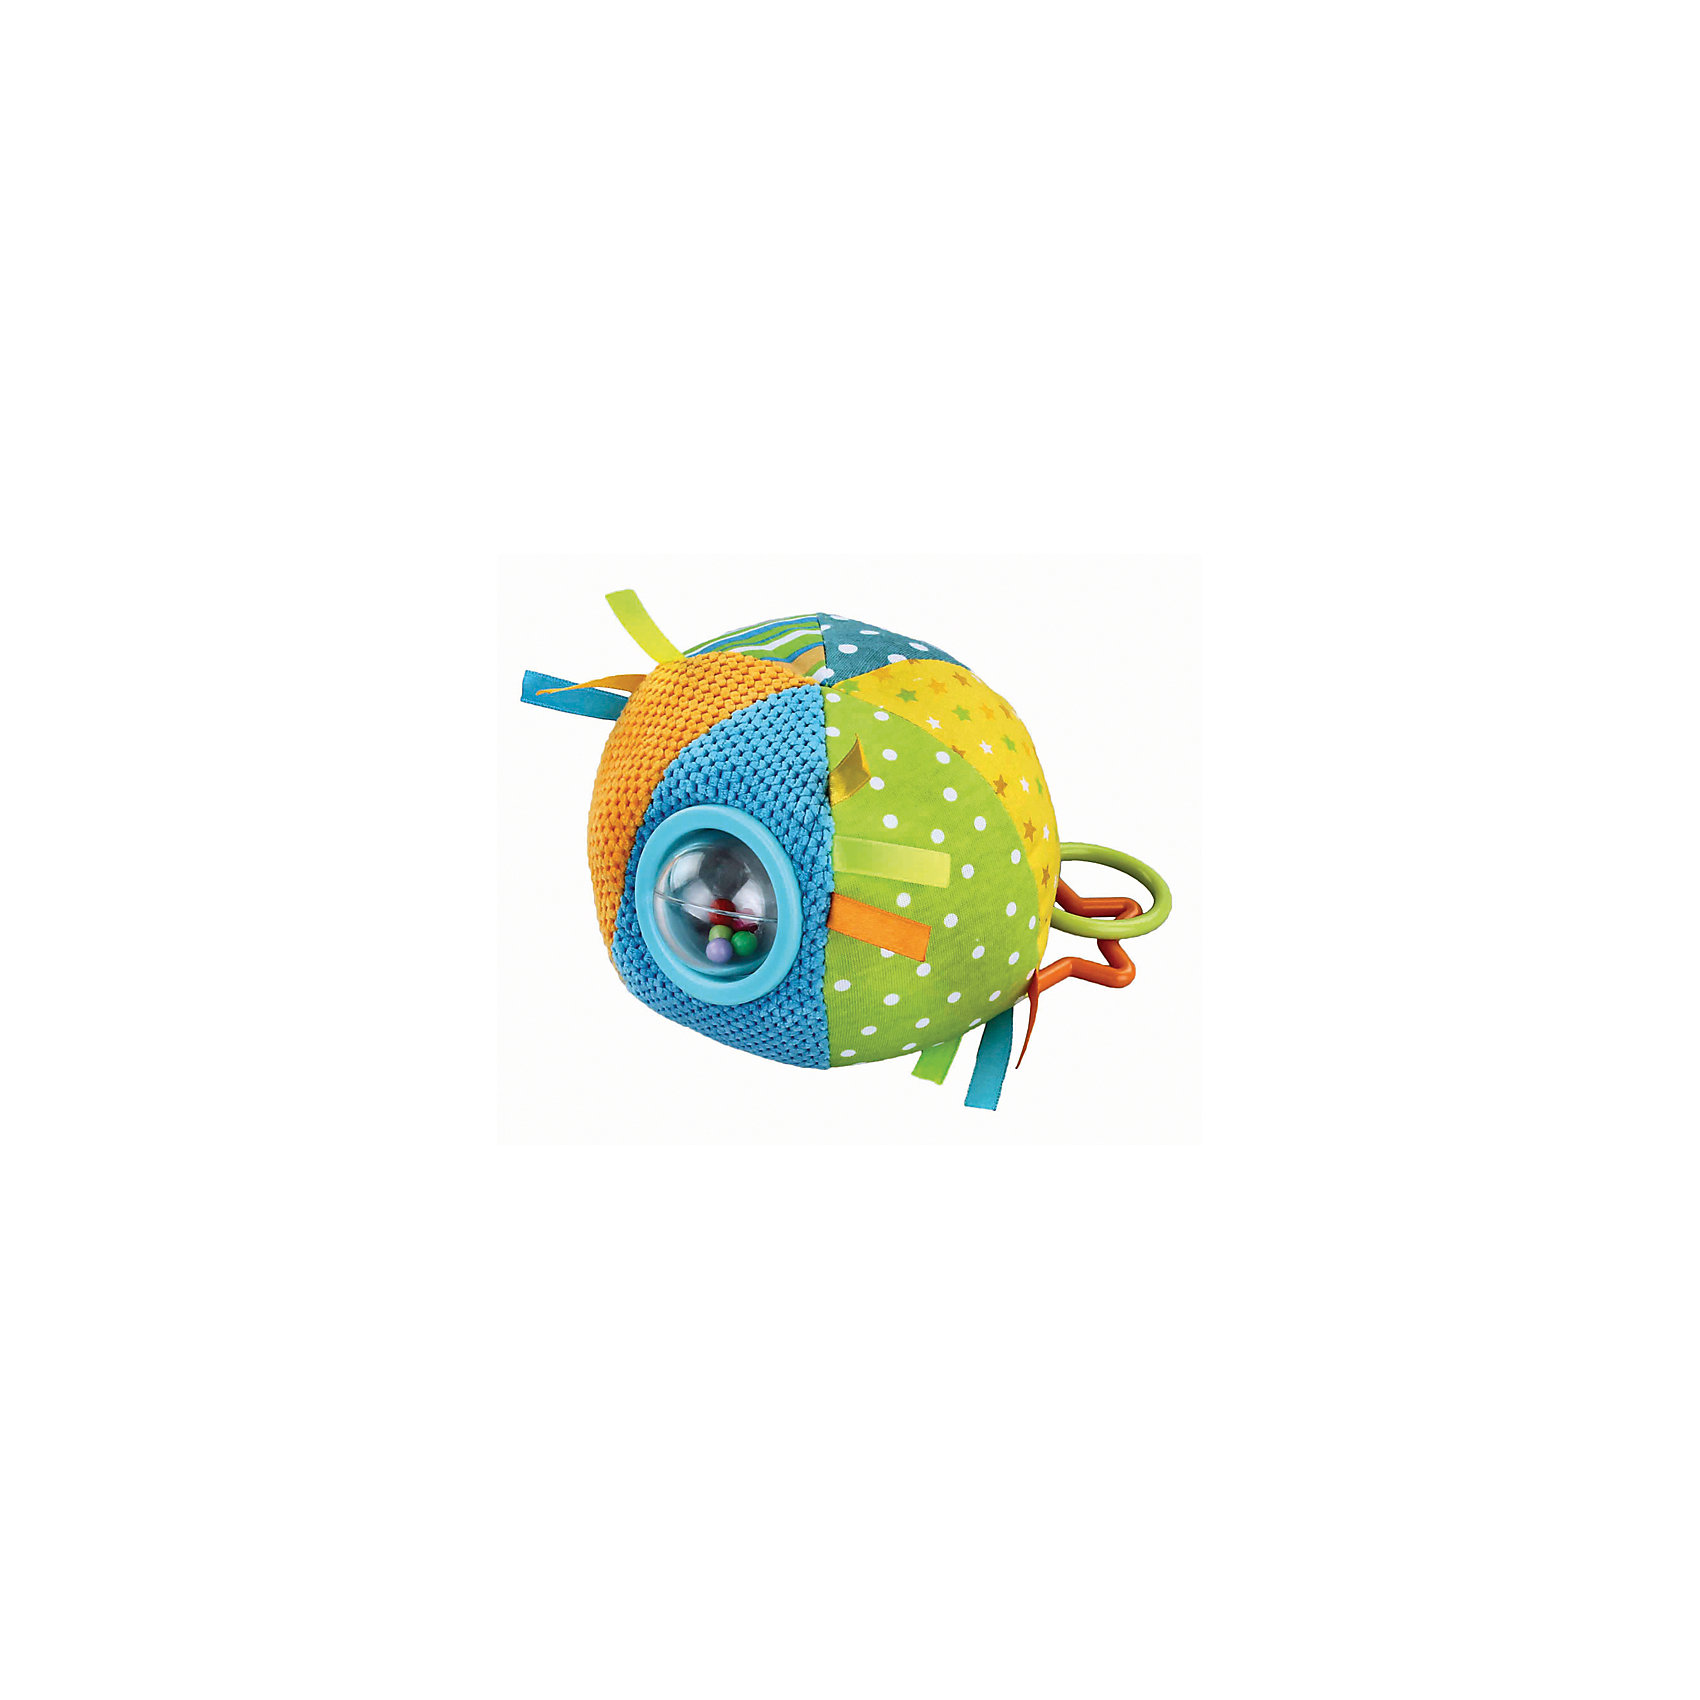 Развивающая игрушка Цветной мячик, в ассорименте, ЖирафикиРазвивающие игрушки<br>Развивающие игрушки должны быть у каждого малыша. Такие игрушки будут не только развивать способности малыша во время веселой игры, но и радовать глаз, потому что современные развивающие модели красивые и обладают стильным дизайном. Новая игрушка «Цветной мячик» - мягкая игрушка, которая издает звуки, ели ее потрясти. Есть ленточки и колечки, которые развивают тактильные ощущения. Тренирует слух и улучшает мелкую моторику малыша. Материалы, использованные при изготовлении товара, абсолютно безопасны и отвечают всем международным требованиям по качеству.<br><br>Дополнительные характеристики:<br><br>материал: текстиль;<br>цвет: разноцветный;<br>габариты: 25 X 13 X 30 см.<br><br>Развивающую игрушку  Цветной мячик от компании Жирафики можно приобрести в нашем магазине.<br><br>Ширина мм: 500<br>Глубина мм: 330<br>Высота мм: 300<br>Вес г: 216<br>Возраст от месяцев: 3<br>Возраст до месяцев: 36<br>Пол: Унисекс<br>Возраст: Детский<br>SKU: 5032570